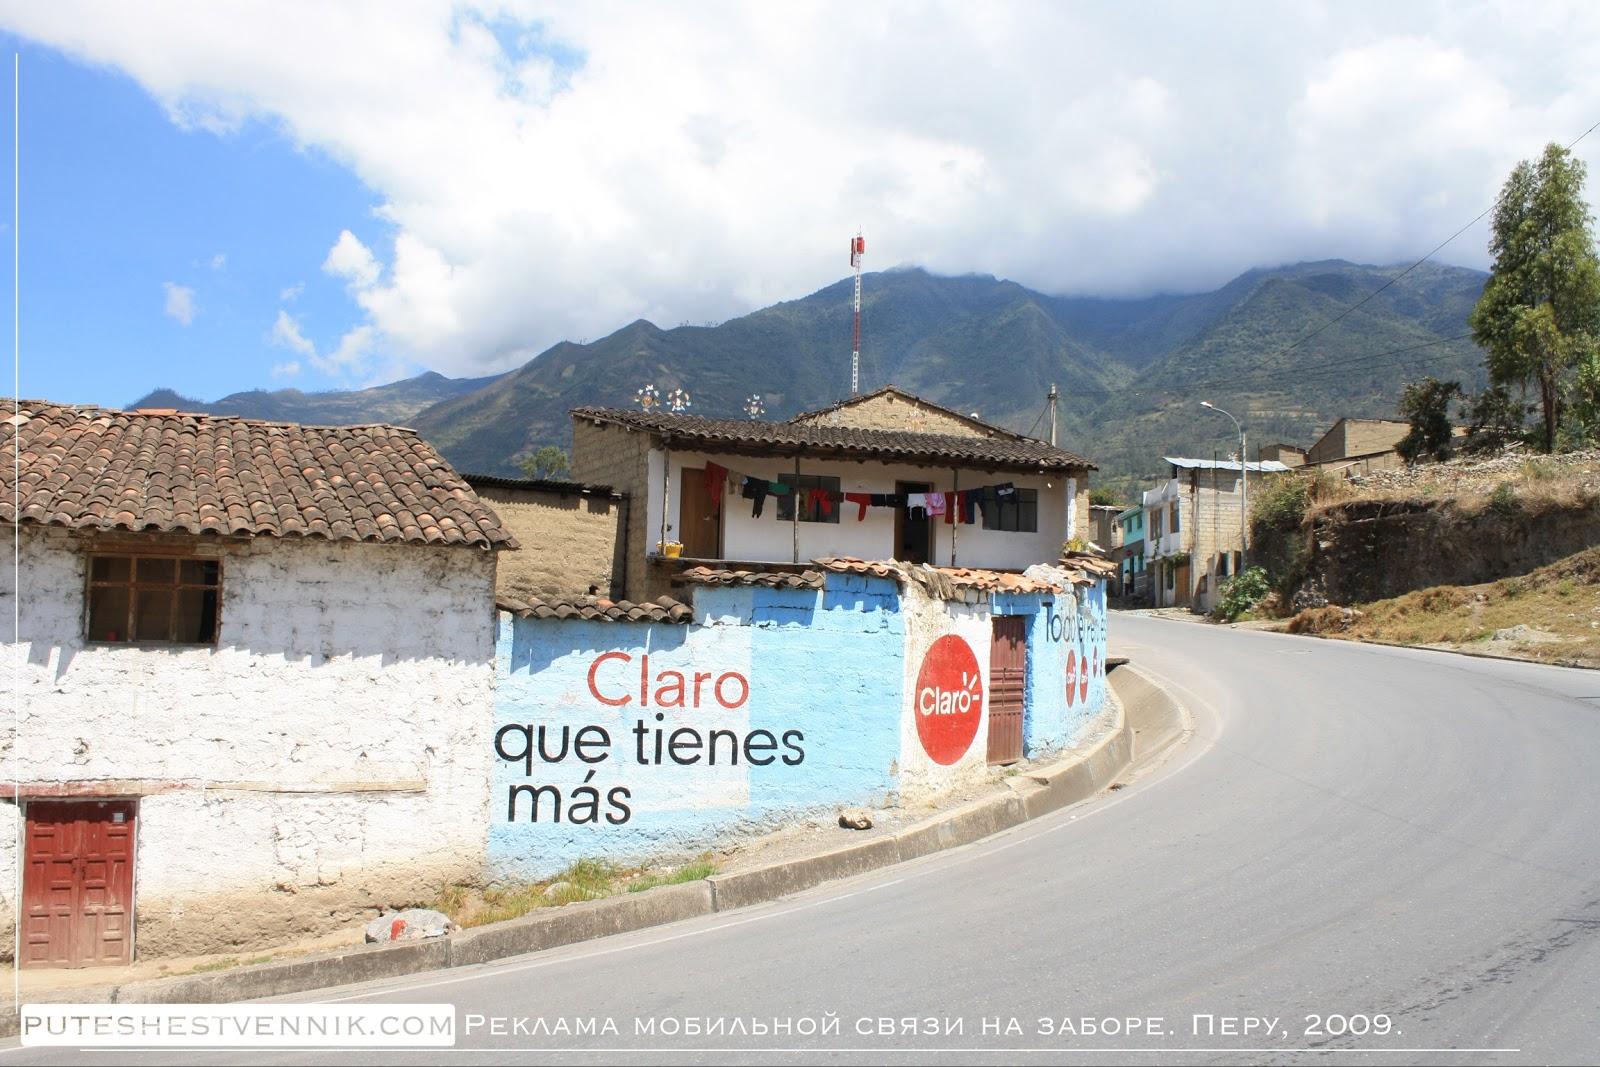 Реклама мобильной связи на заборе в перуанской деревне